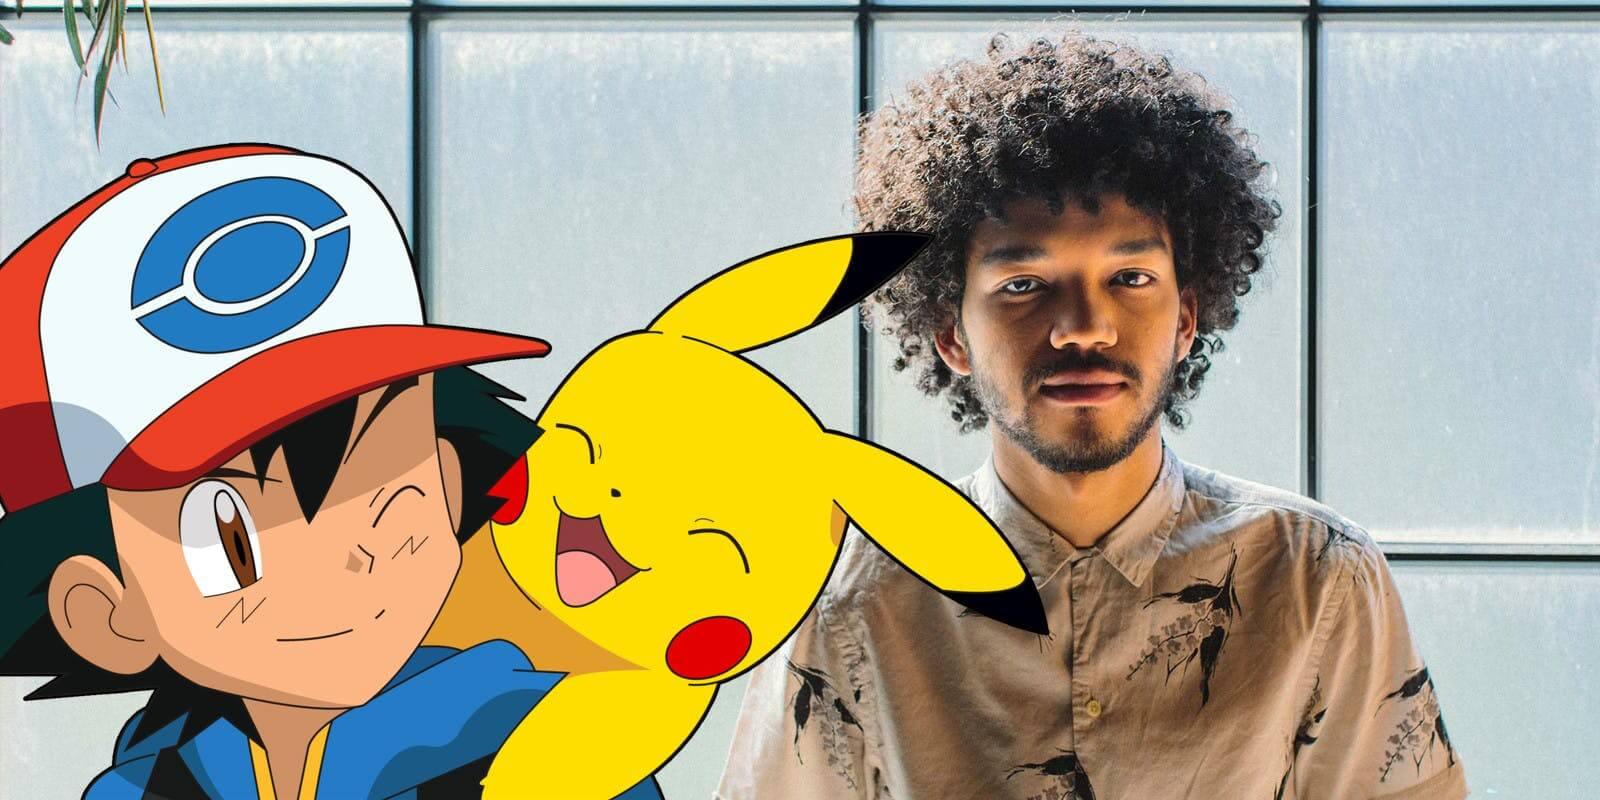 Filho de Will Smith protagonista de Pokémon: Detetive Pikachu, virá para CCXP 2018